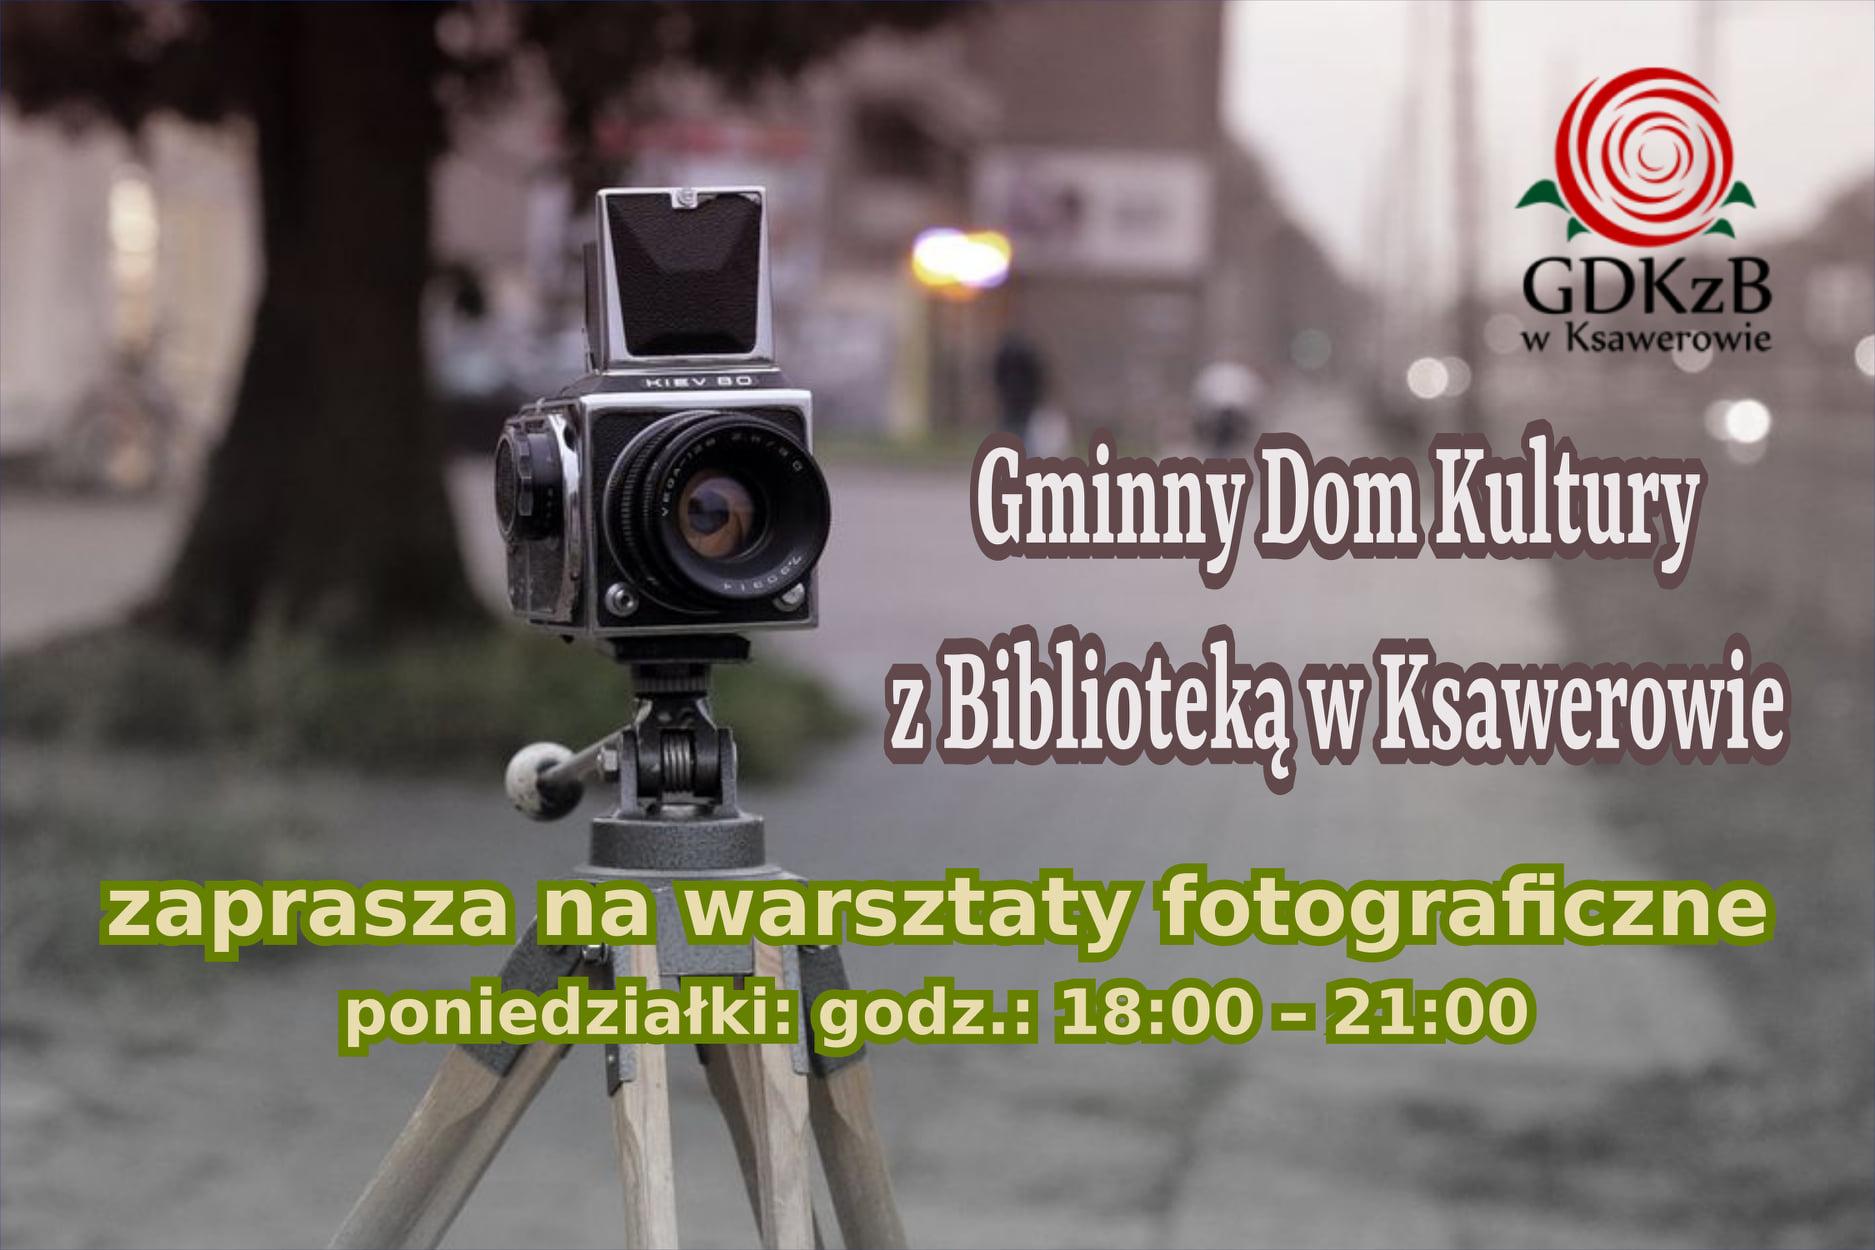 plakat warsztaty fotograficzne organizowane w GDKzB w Ksawerowe, prowadzący Krzysztof Dumka